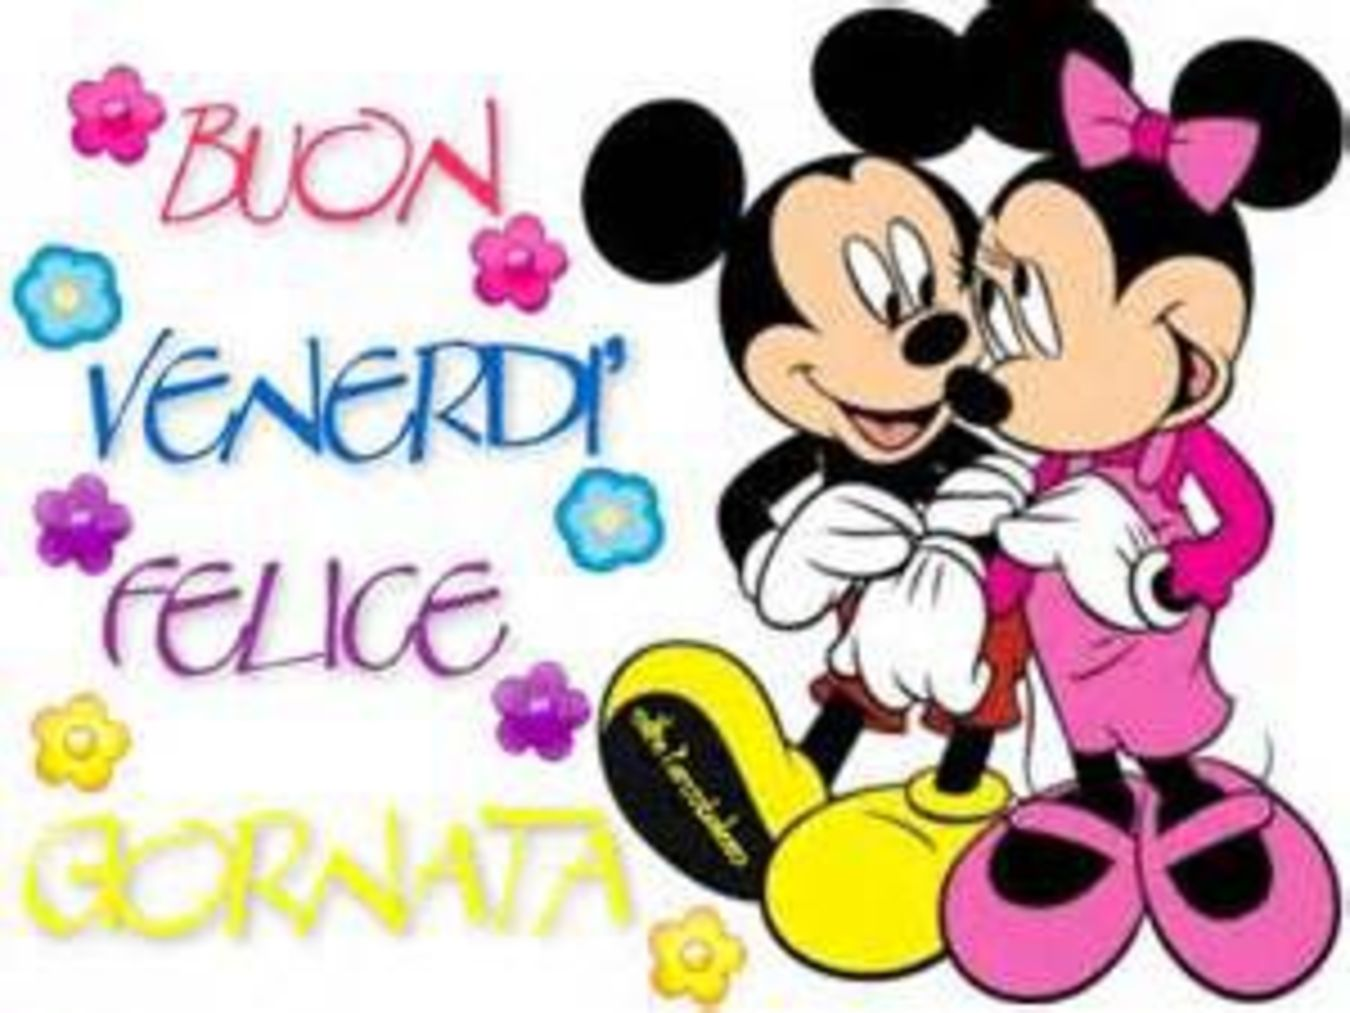 Buon Venerdì Felice Giornata Disney Buongiorno Immagini It